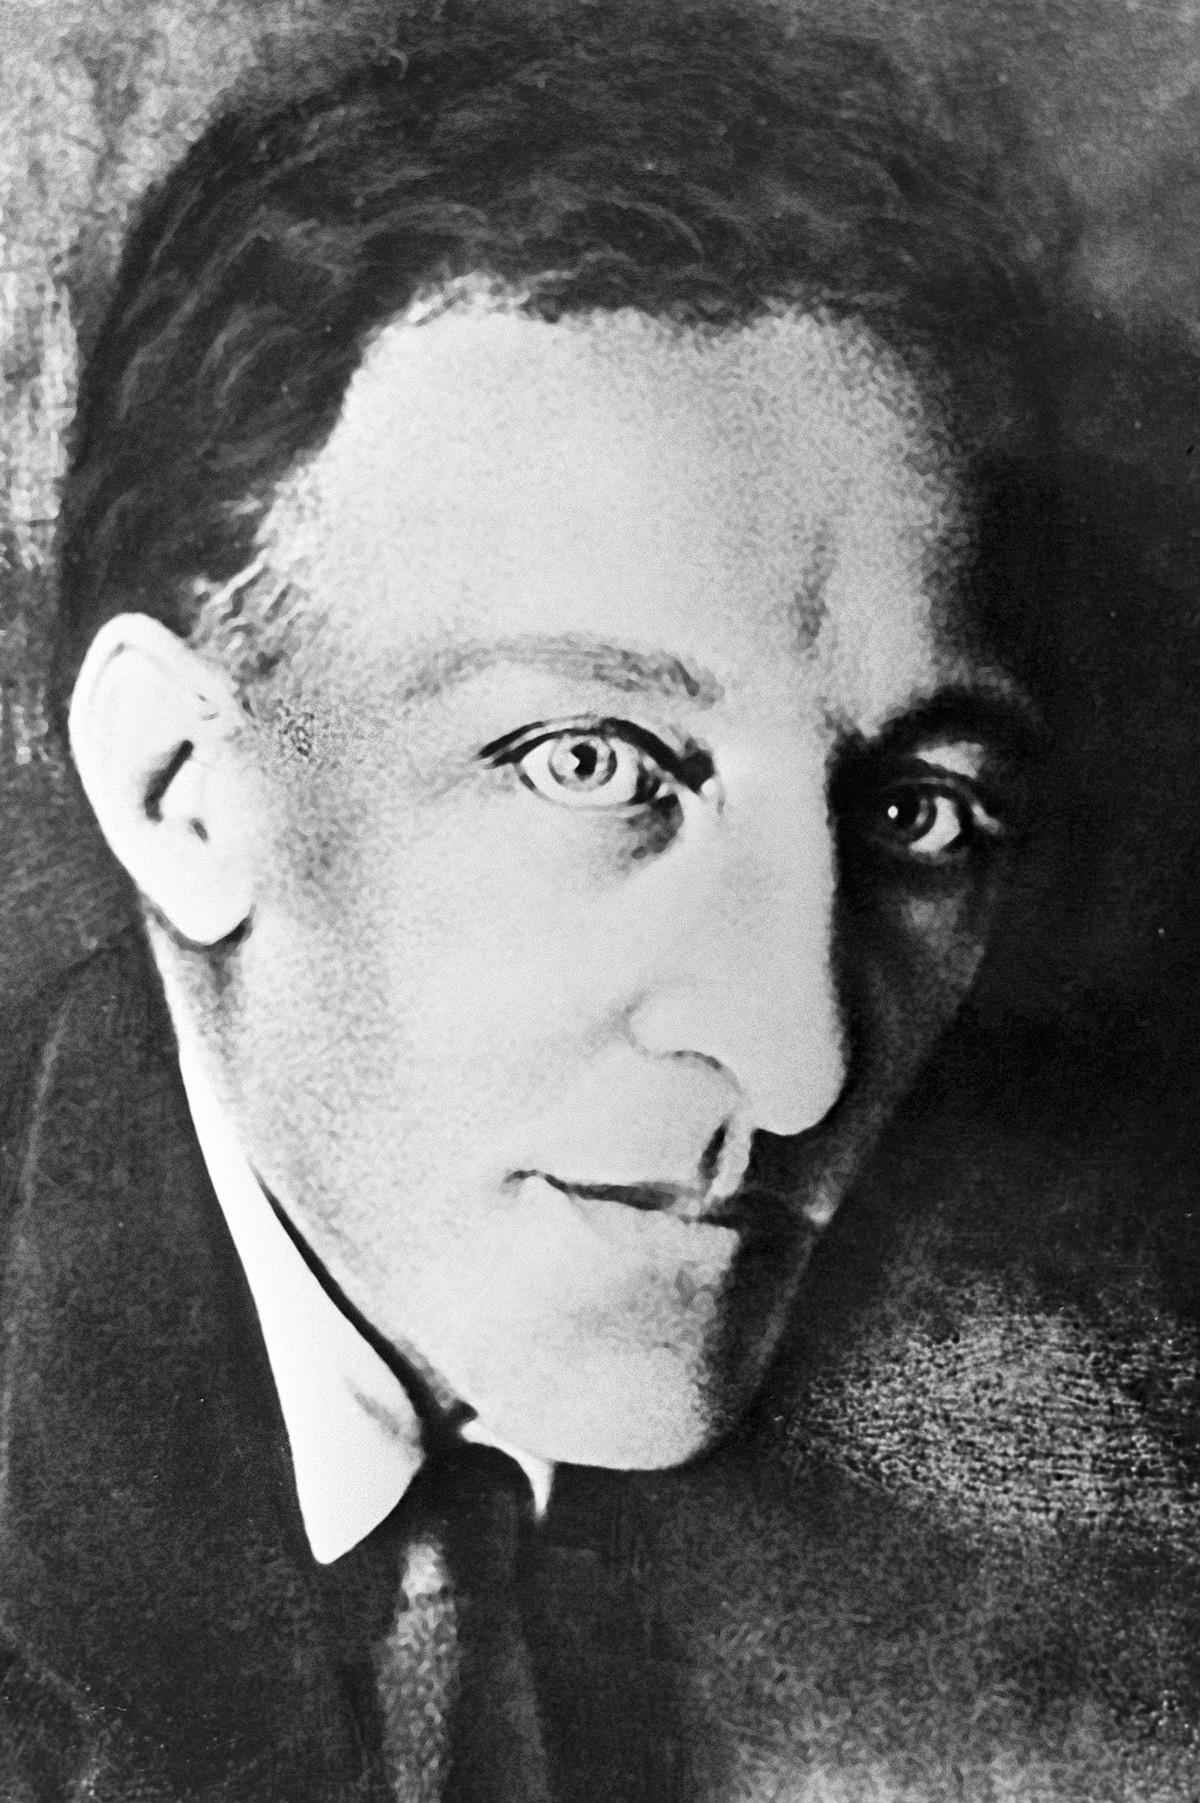 Alexander Blok in 1920